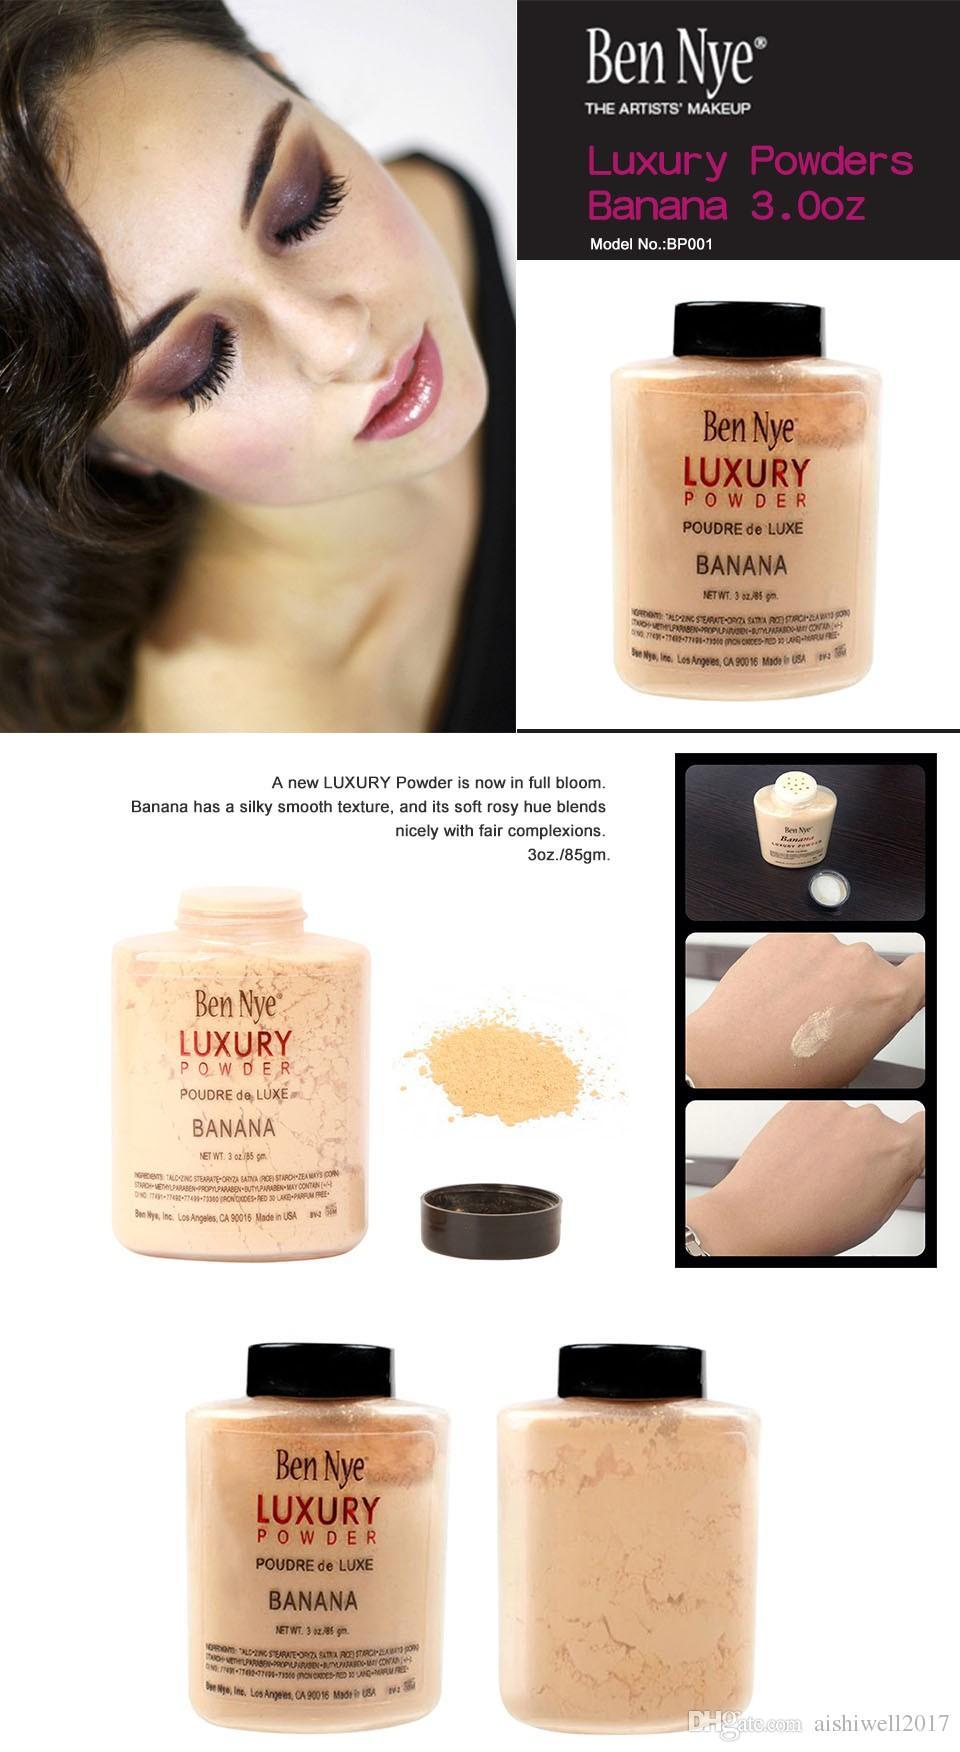 بن ناي LUXURY POWDER POUDER de LUXE Banana Loose Makeup powder 3oz / 85g